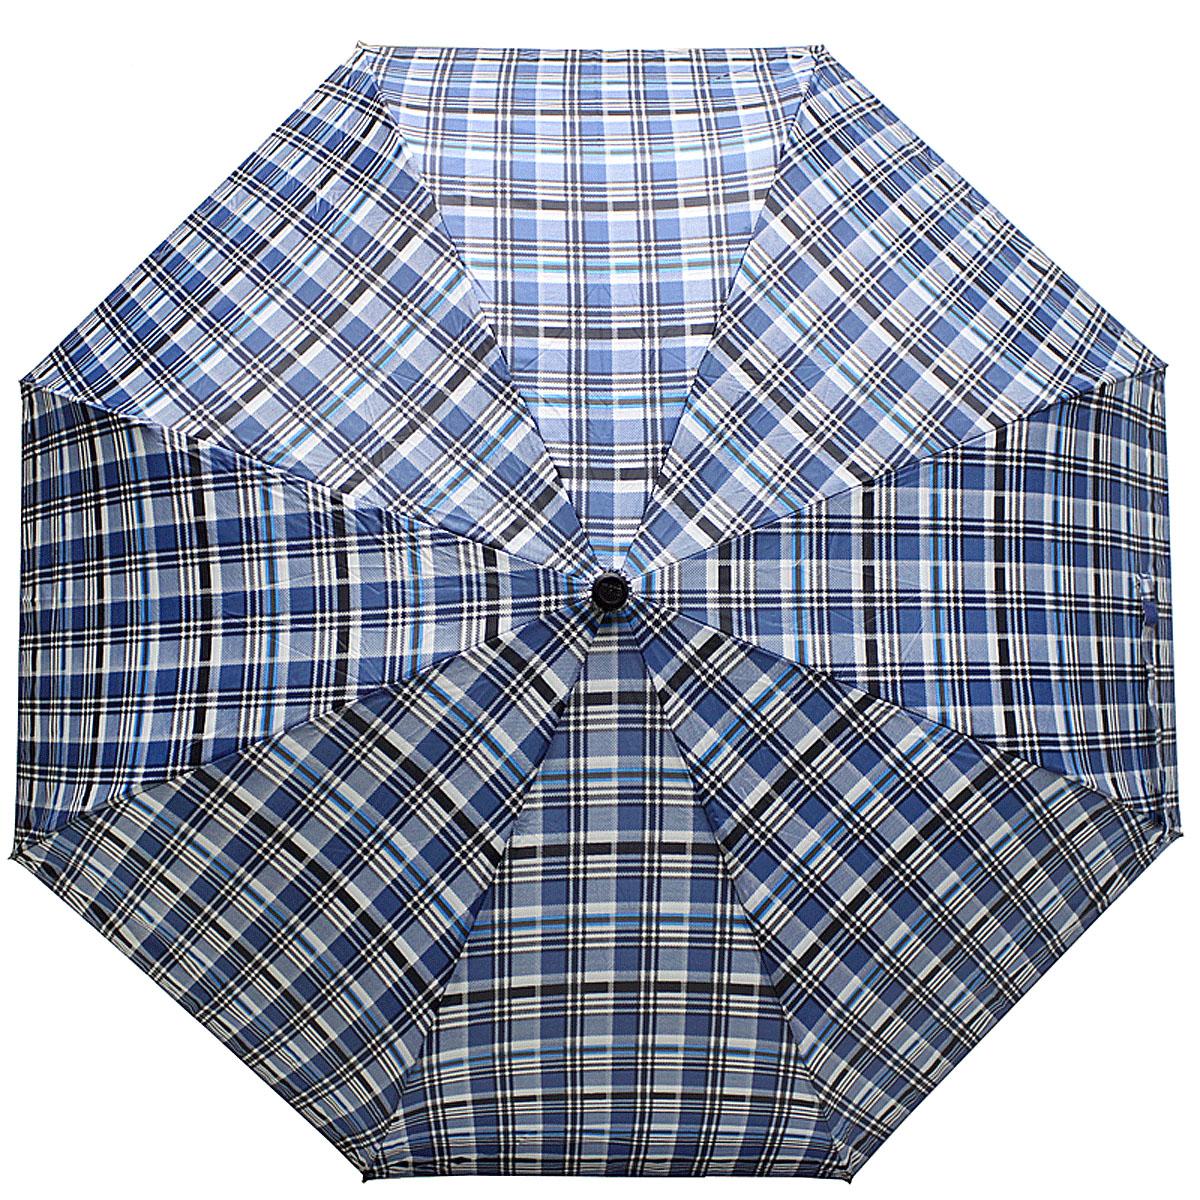 Зонт женский Vogue, цвет: синий. 448V-2REM12-CAM-GREENBLACKСтильный механический зонт испанского производителя Vogue оснащен каркасом с противоветровым эффектом.Каркас зонта включает 8 спиц. Стержень изготовлен из стали, купол выполнен из прочного полиэстера. Зонт является механическим: купол открывается и закрывается вручную до характерного щелчка. Такой зонт не только надежно защитит вас от дождя, но и станет стильным аксессуаром, который идеально подчеркнет ваш неповторимый образ. Рекомендации по использованию: Мокрый зонт нельзя оставлять сложенным. Зонт после использования рекомендуется сушить в полураскрытом виде вдали от нагревательных приборов. Чистить зонт рекомендуется губкой, используя мягкие нещелочные растворы.